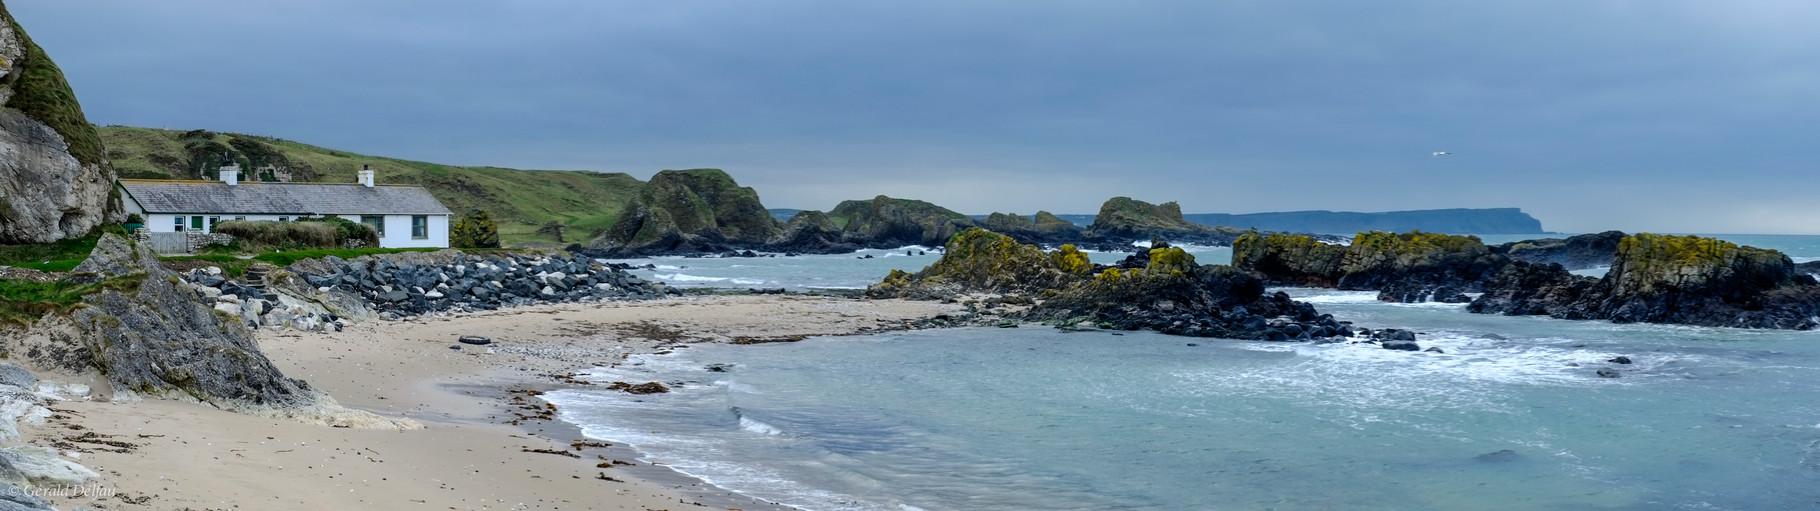 Irlande di Nord, plage de Ballintoy Harbour